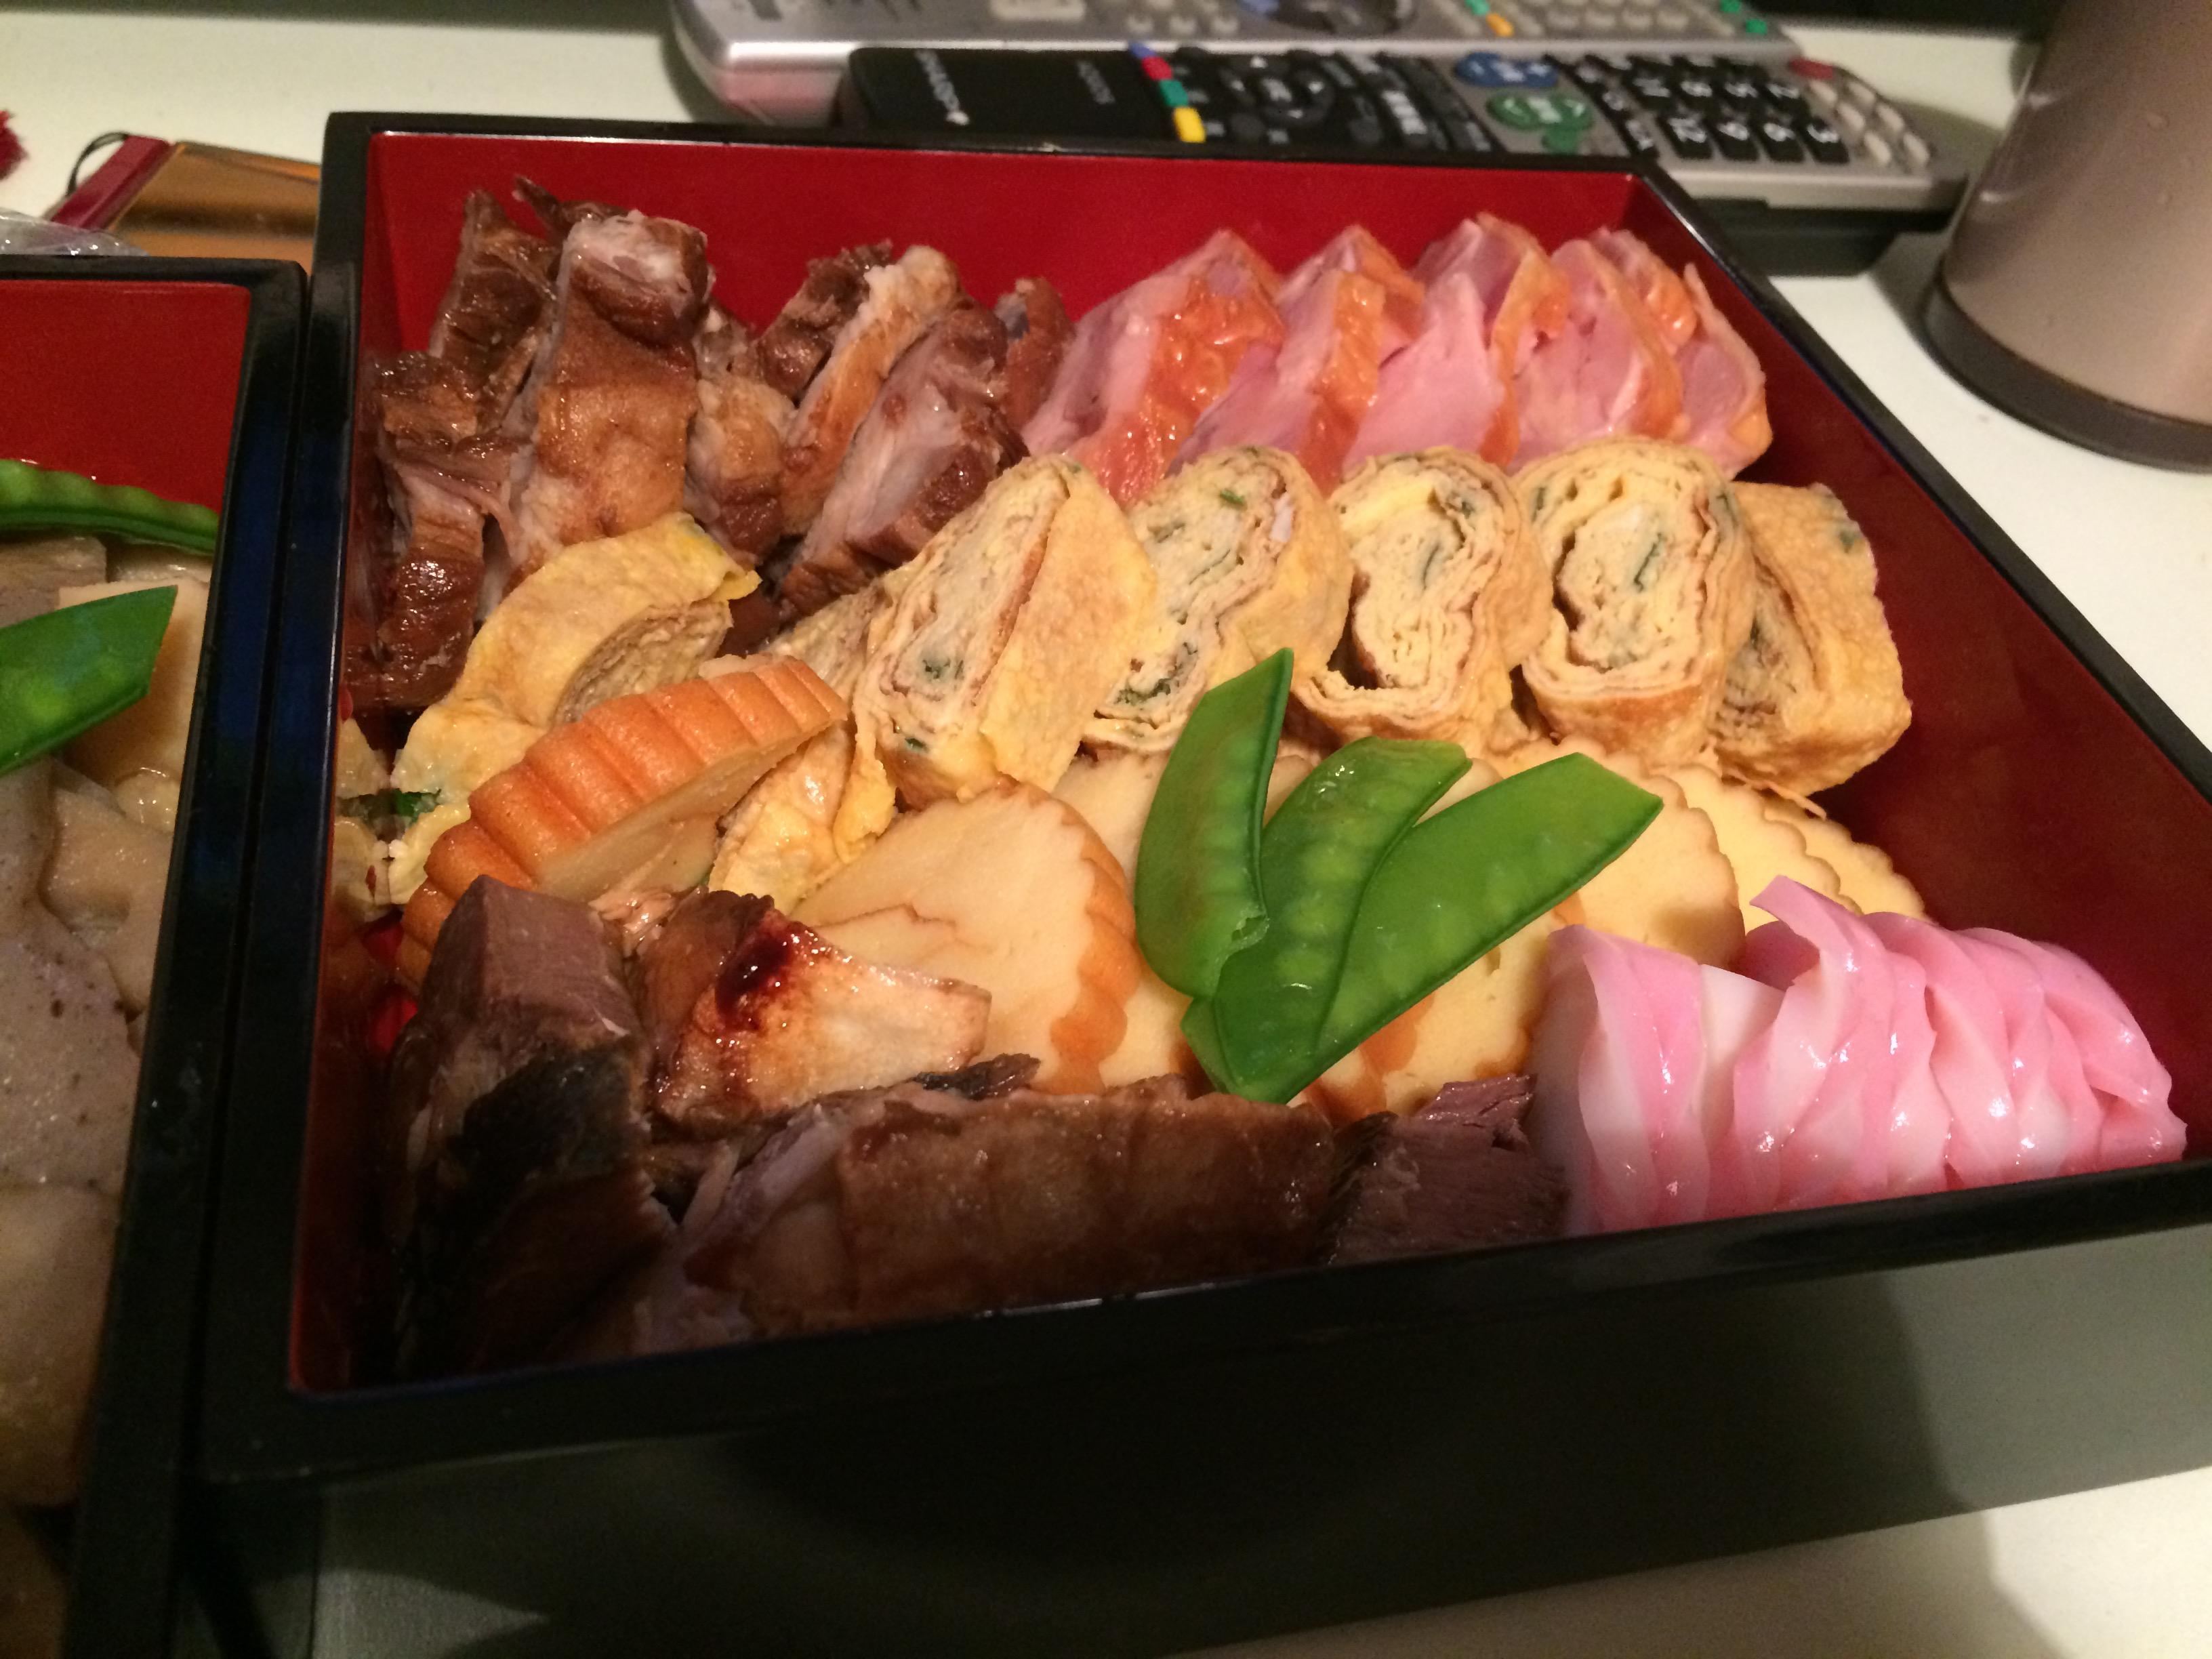 <p>よく知らないで食べている 日本のお正月といえば、「おせち料理」という特殊な料理を食べる風習があります [&hellip;]</p>